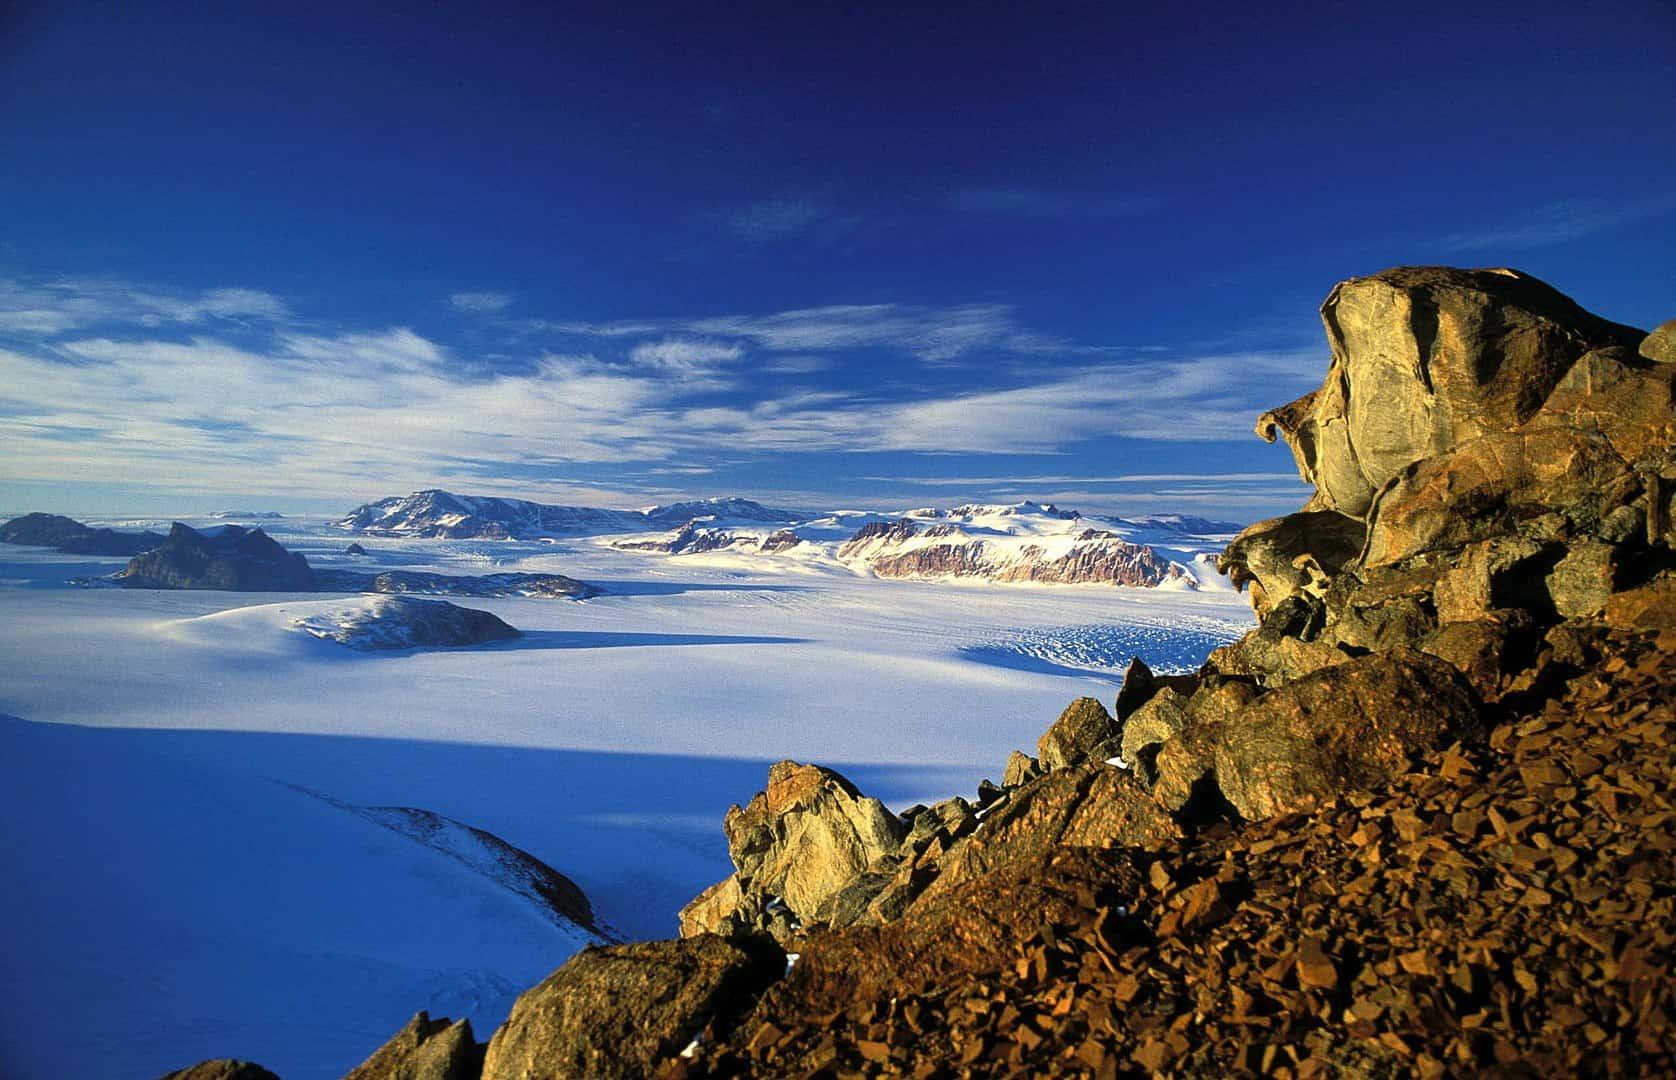 Transantarctic Mountains, antarctica facts